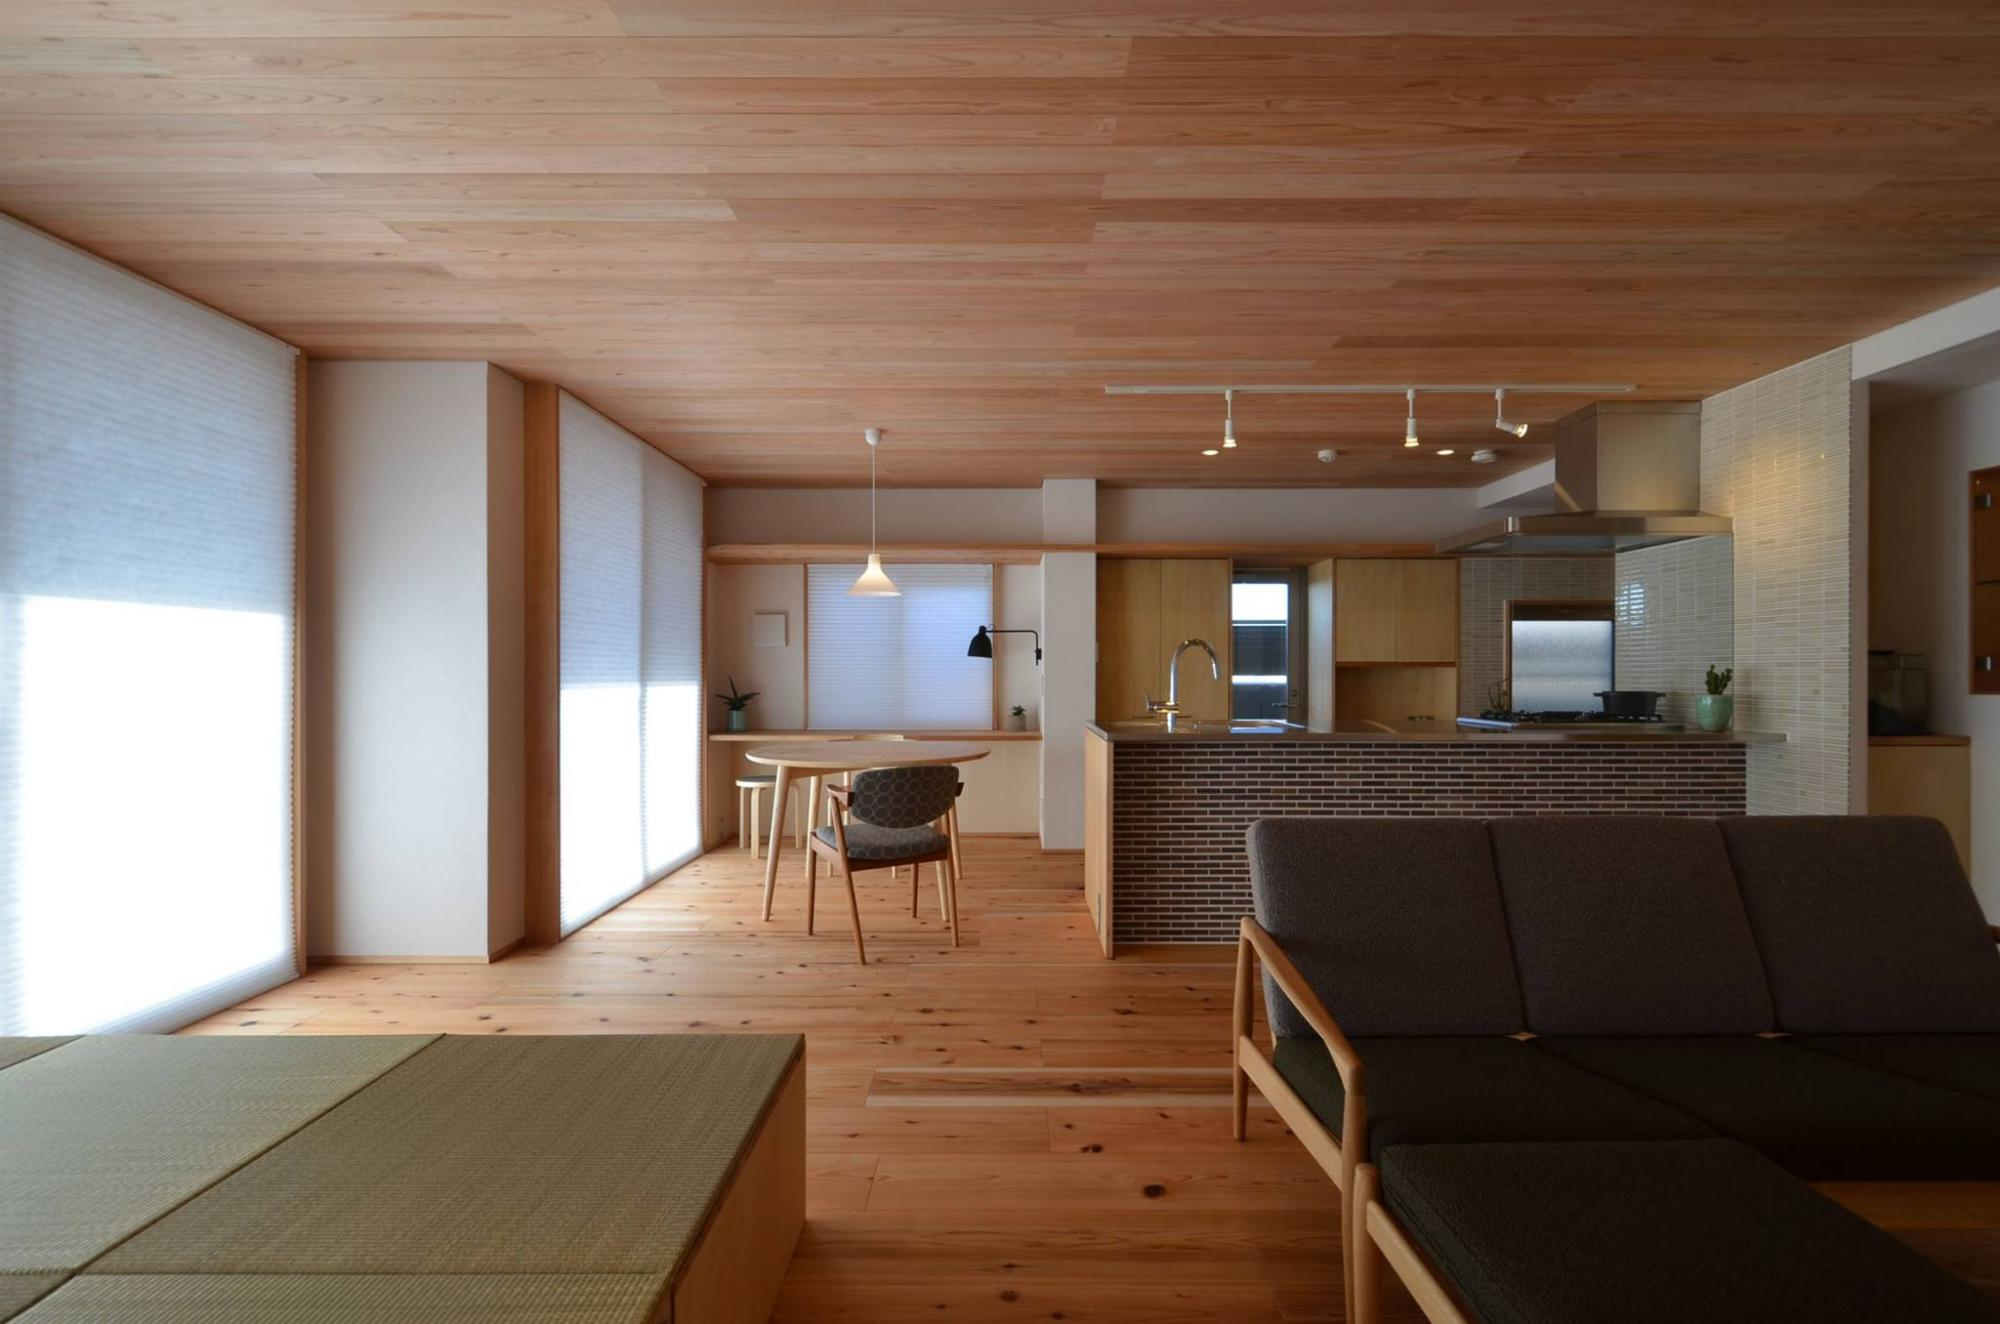 素材の魅力を活かせるように材種を選定しています。自然の素材は経年変化で徐々に「馴染んで」いきますが、そこも魅力の一つだと思います。  また私たちは家具選びも大事にしたいと考えています。いい家具は住まいの雰囲気はより高めてくれて、とても居心地のいい空間をつくってくれます。  暮らした時の家具配置と印象も考えてすっきりとした雰囲気になるよう色使いは白を基調としていますが、アクセントとして部分的に濃い目の茶系の色等を合わせていきます。